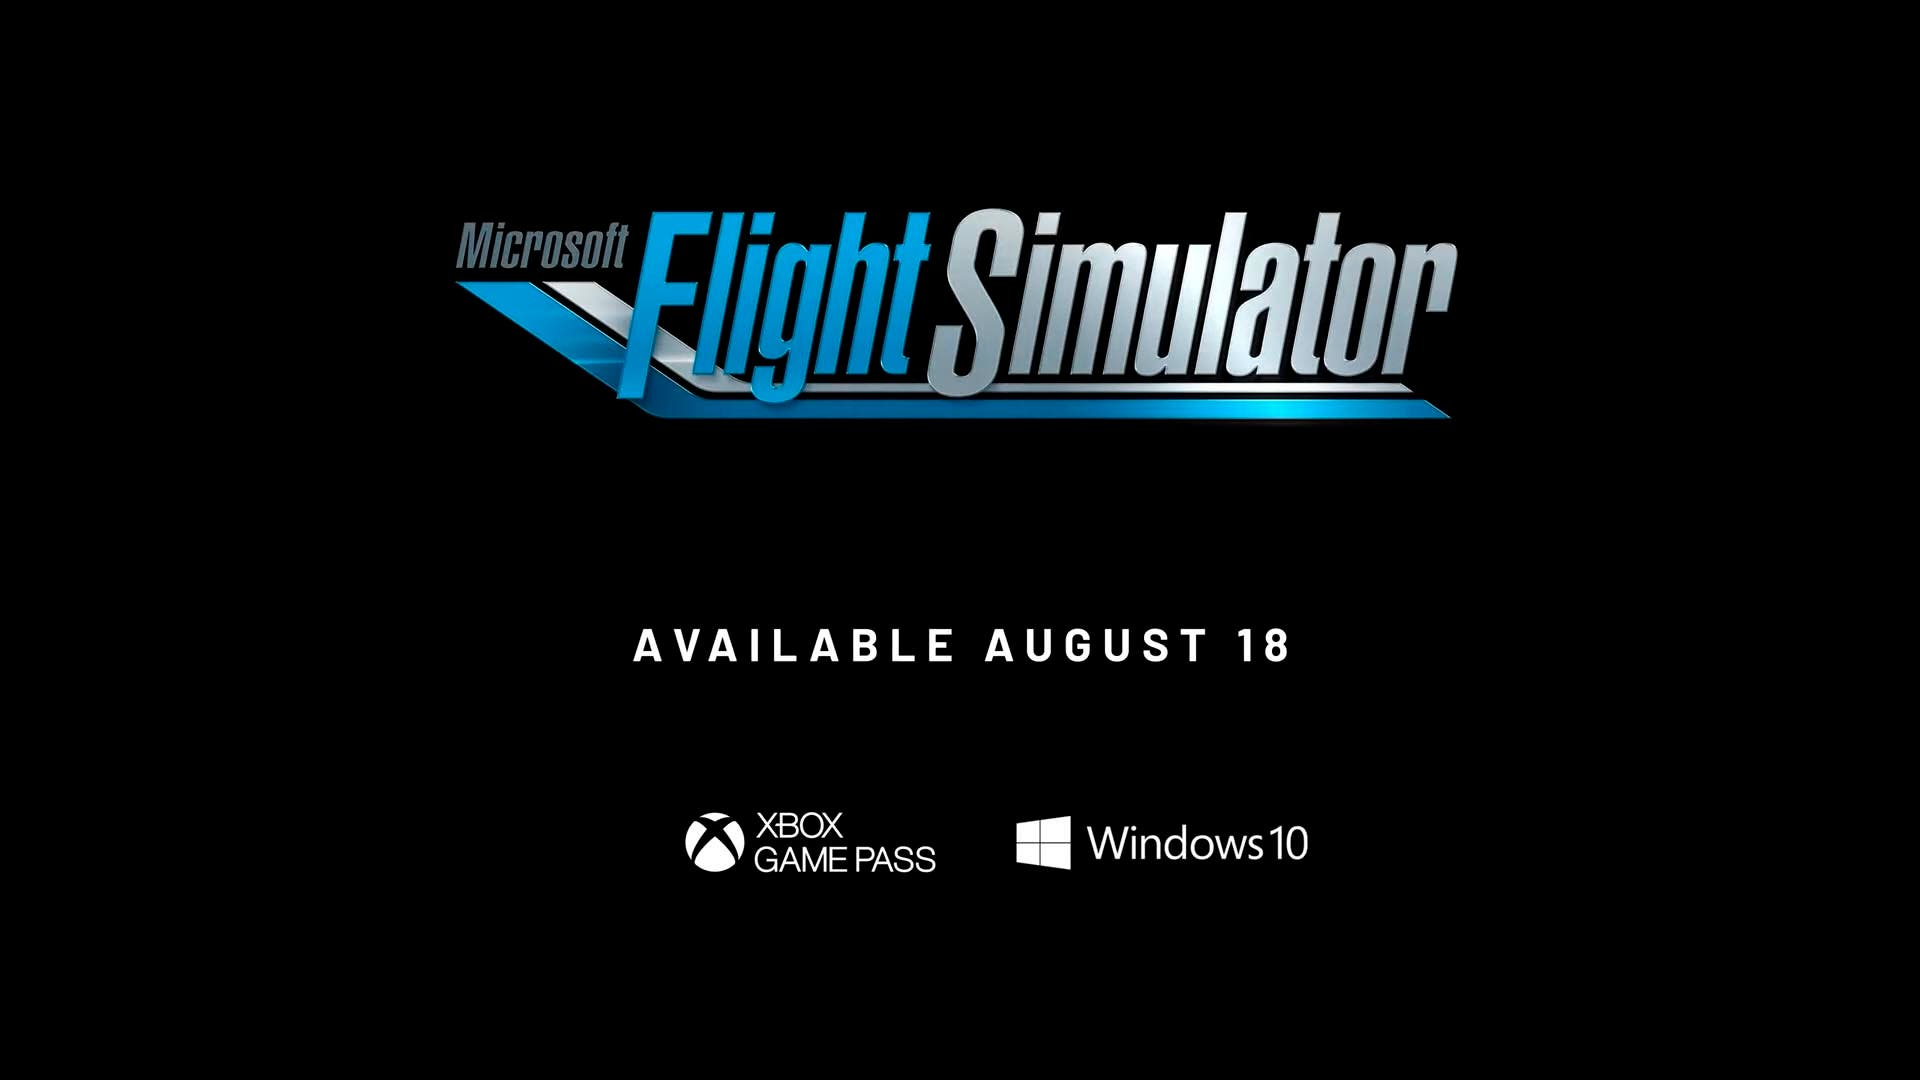 Microsoft Flight Simulator fija su fecha de lanzamiento en agosto en su último tráiler 6